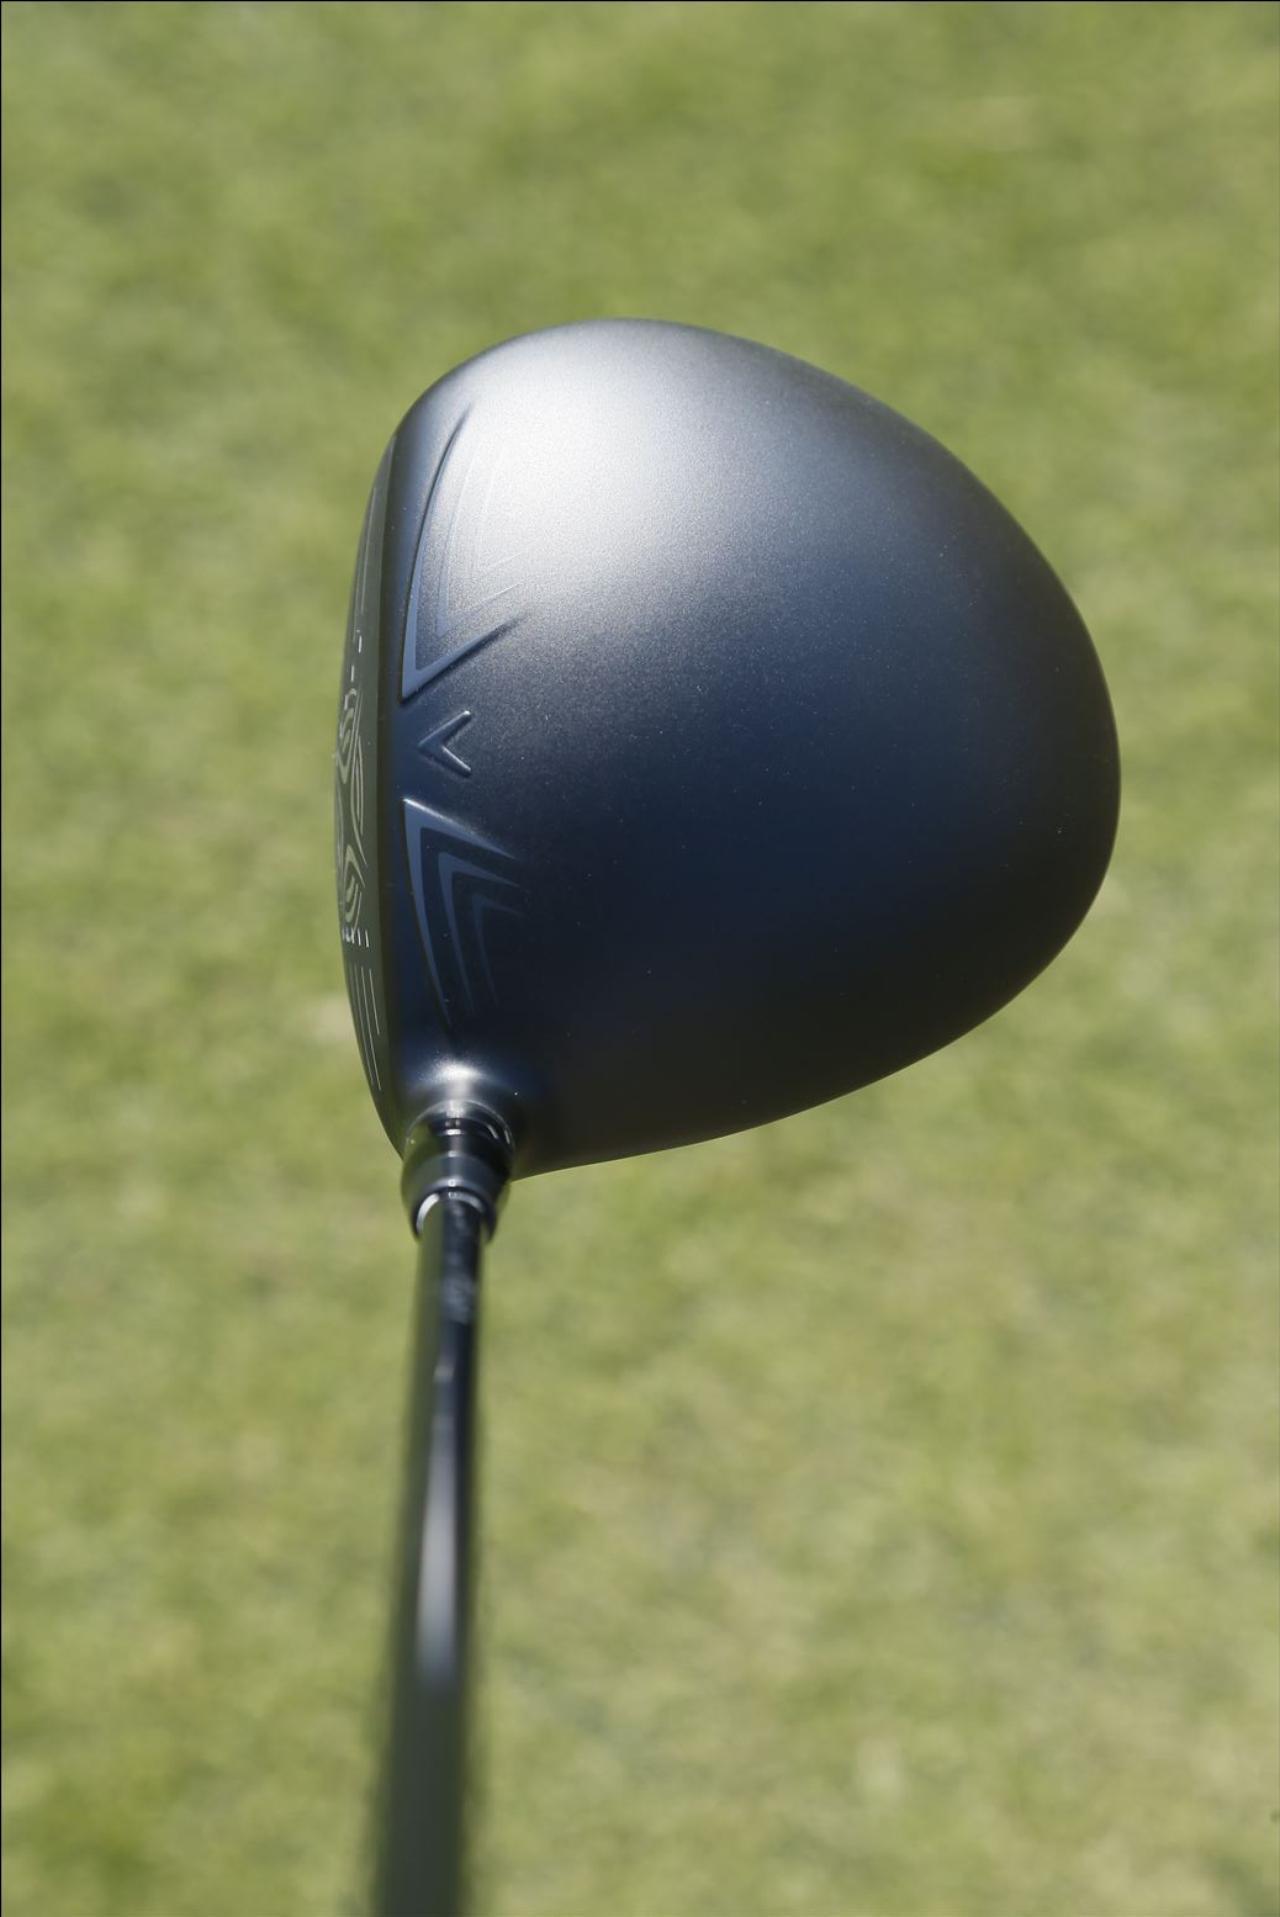 画像: 大き目の丸みを帯びたヘッド。フェース面が少し見えるので弾道をイメージしやすい